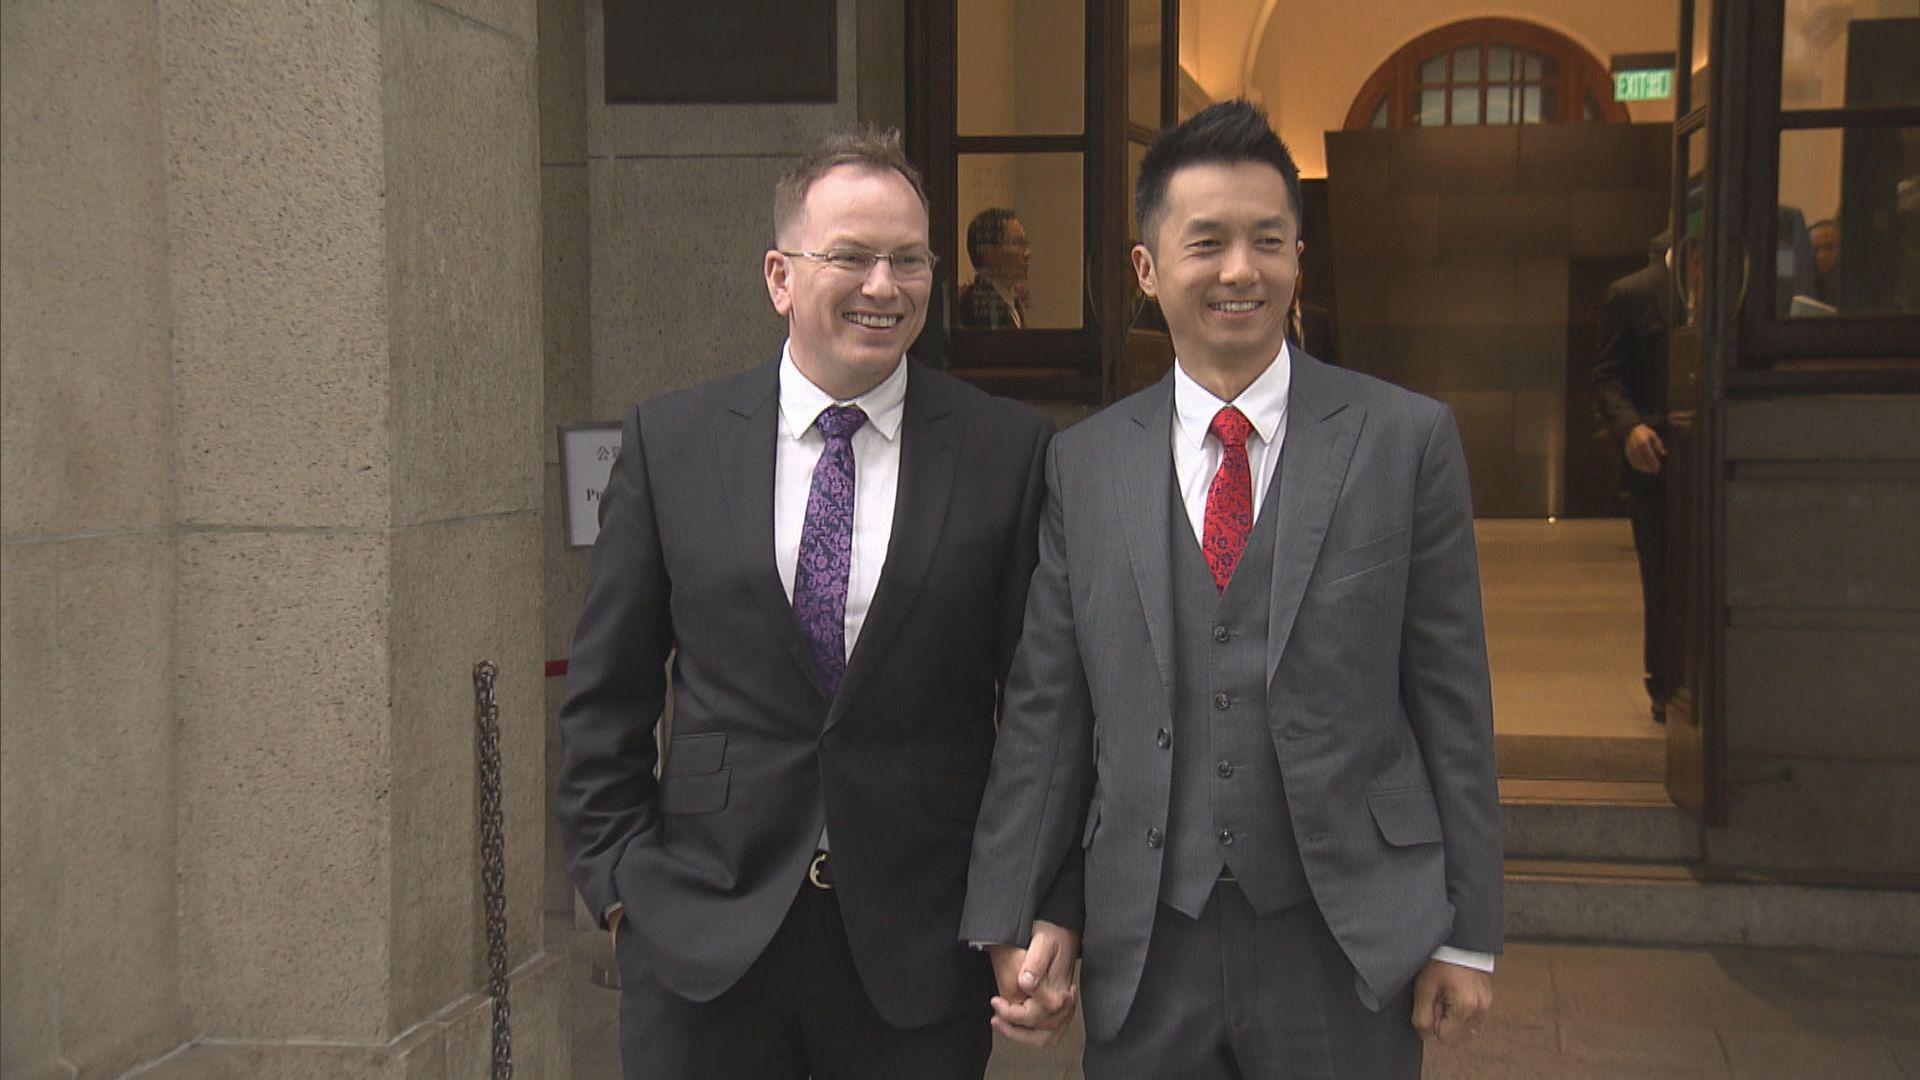 終院將擇日就同性伴侶福利案頒下書面判詞